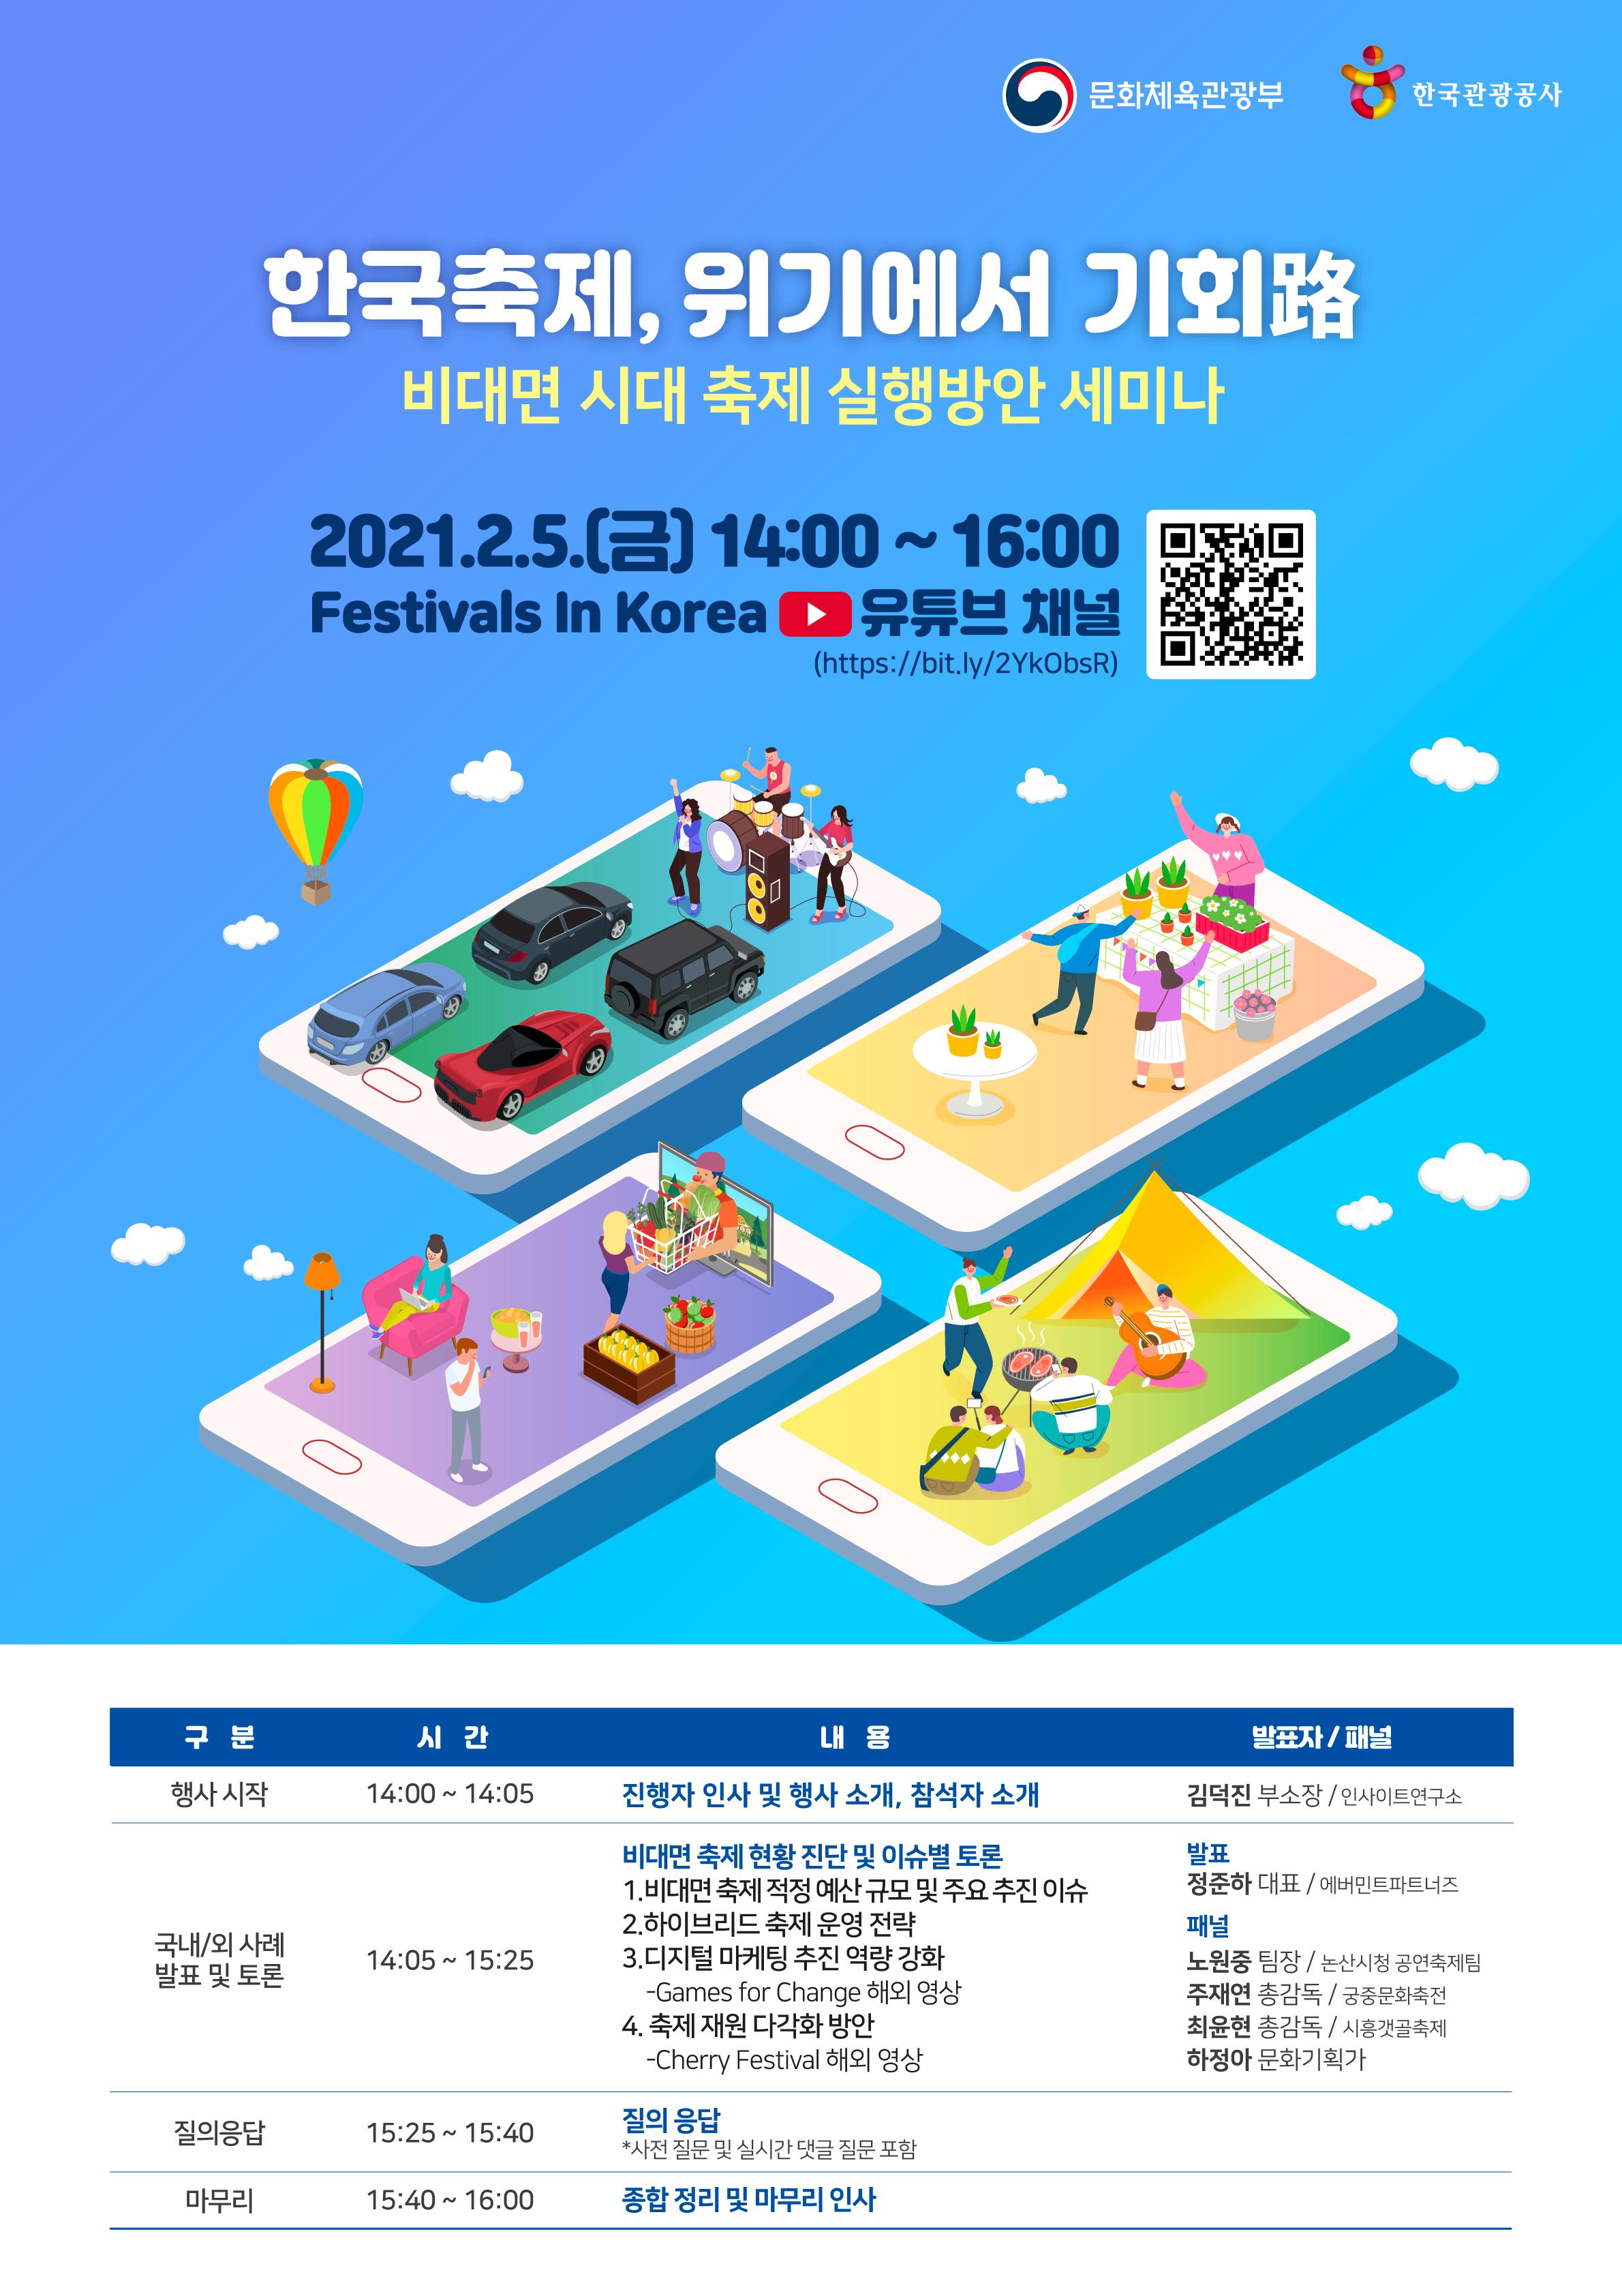 한국축제, 위기에서 기회路 (문화체육관광부, 한국관광공사)